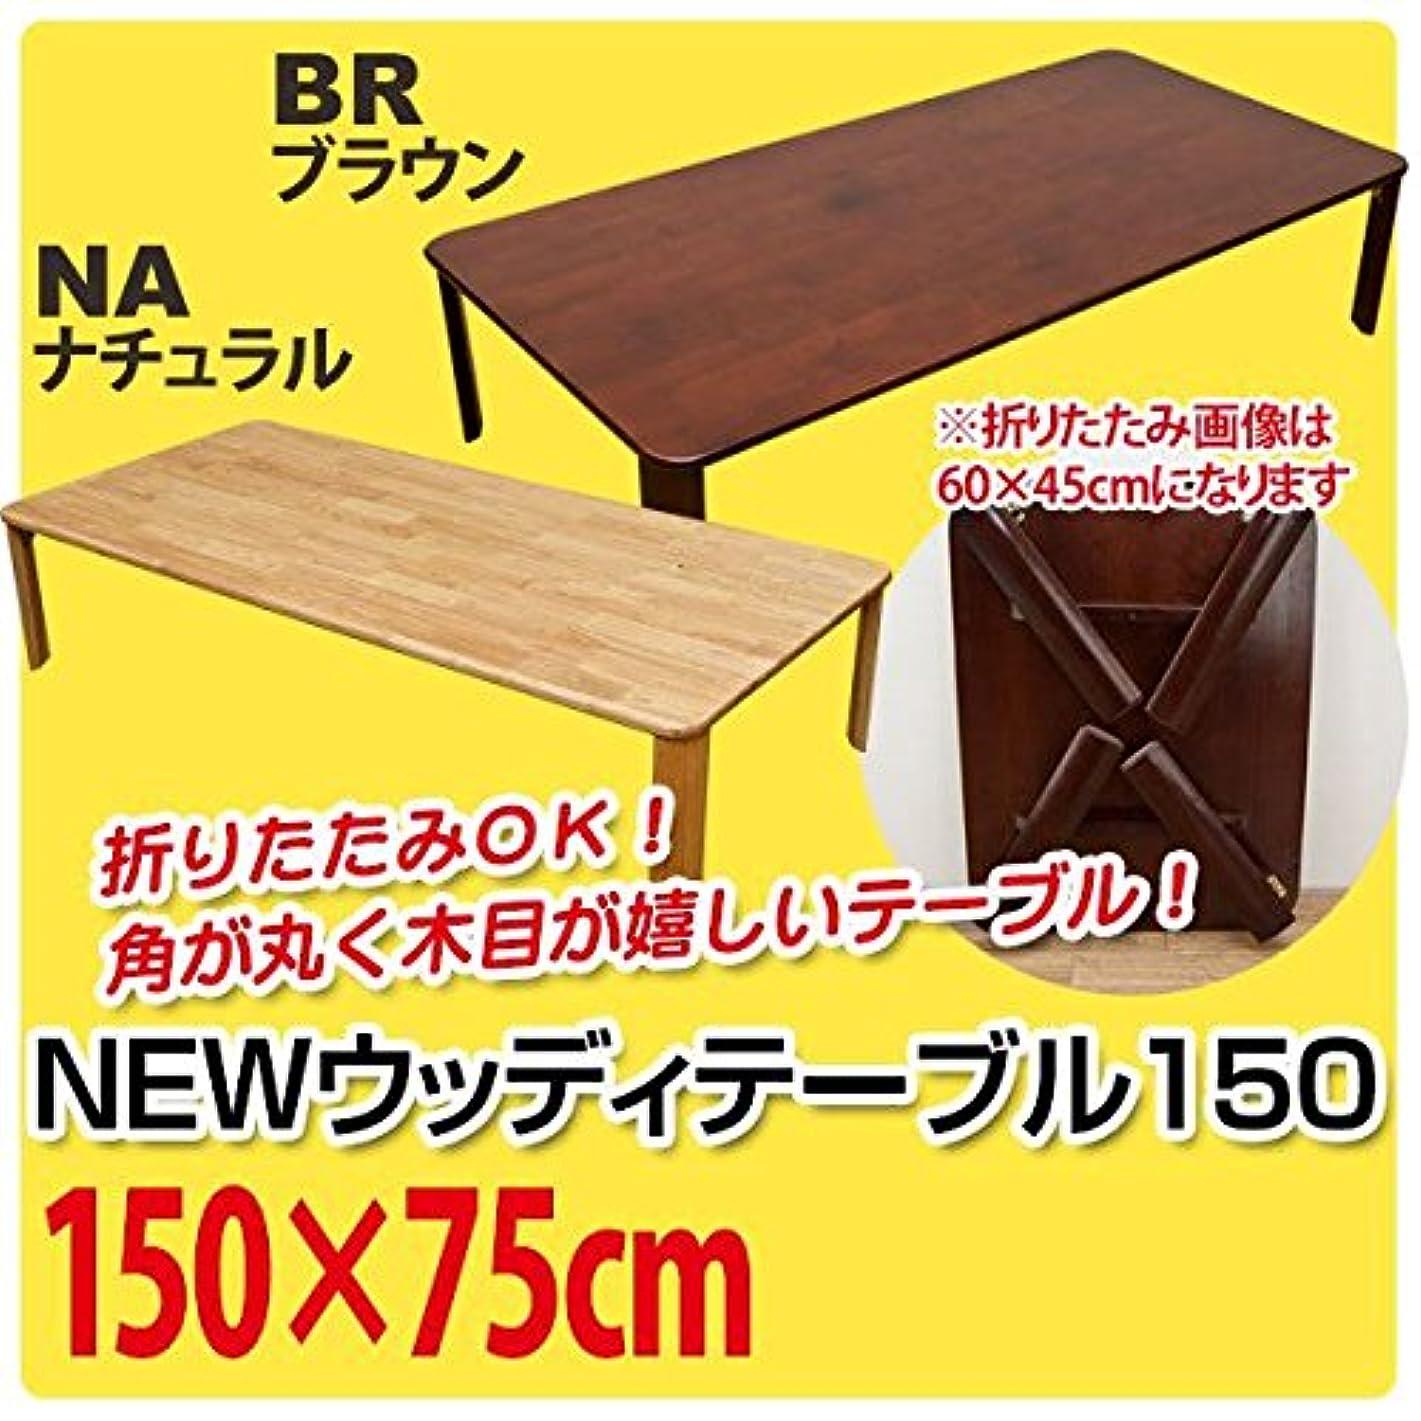 レイプ腐食する豚肉WZ-1500NA(4.6)NEWウッディーテーブル 150 ナチュラル